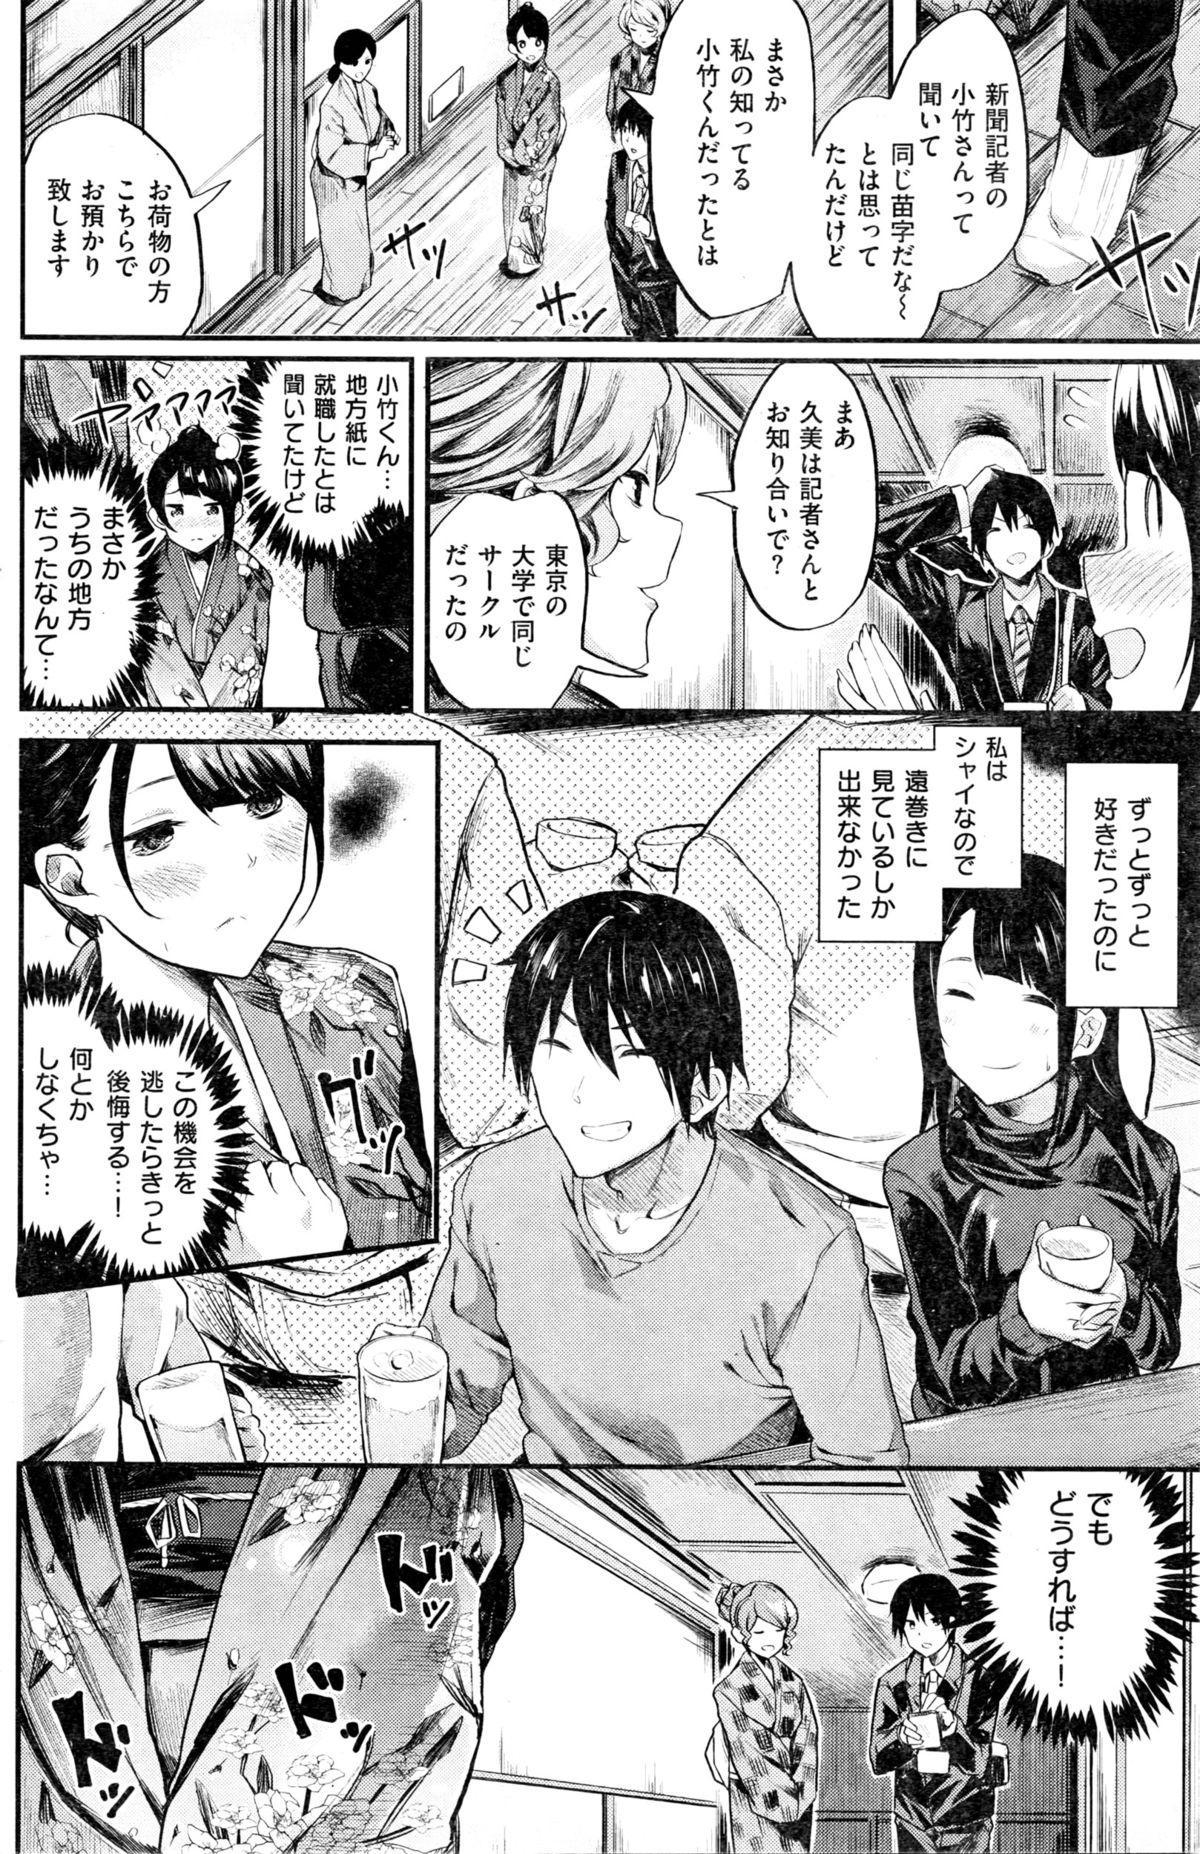 COMIC Kairakuten BEAST 2016-02 164